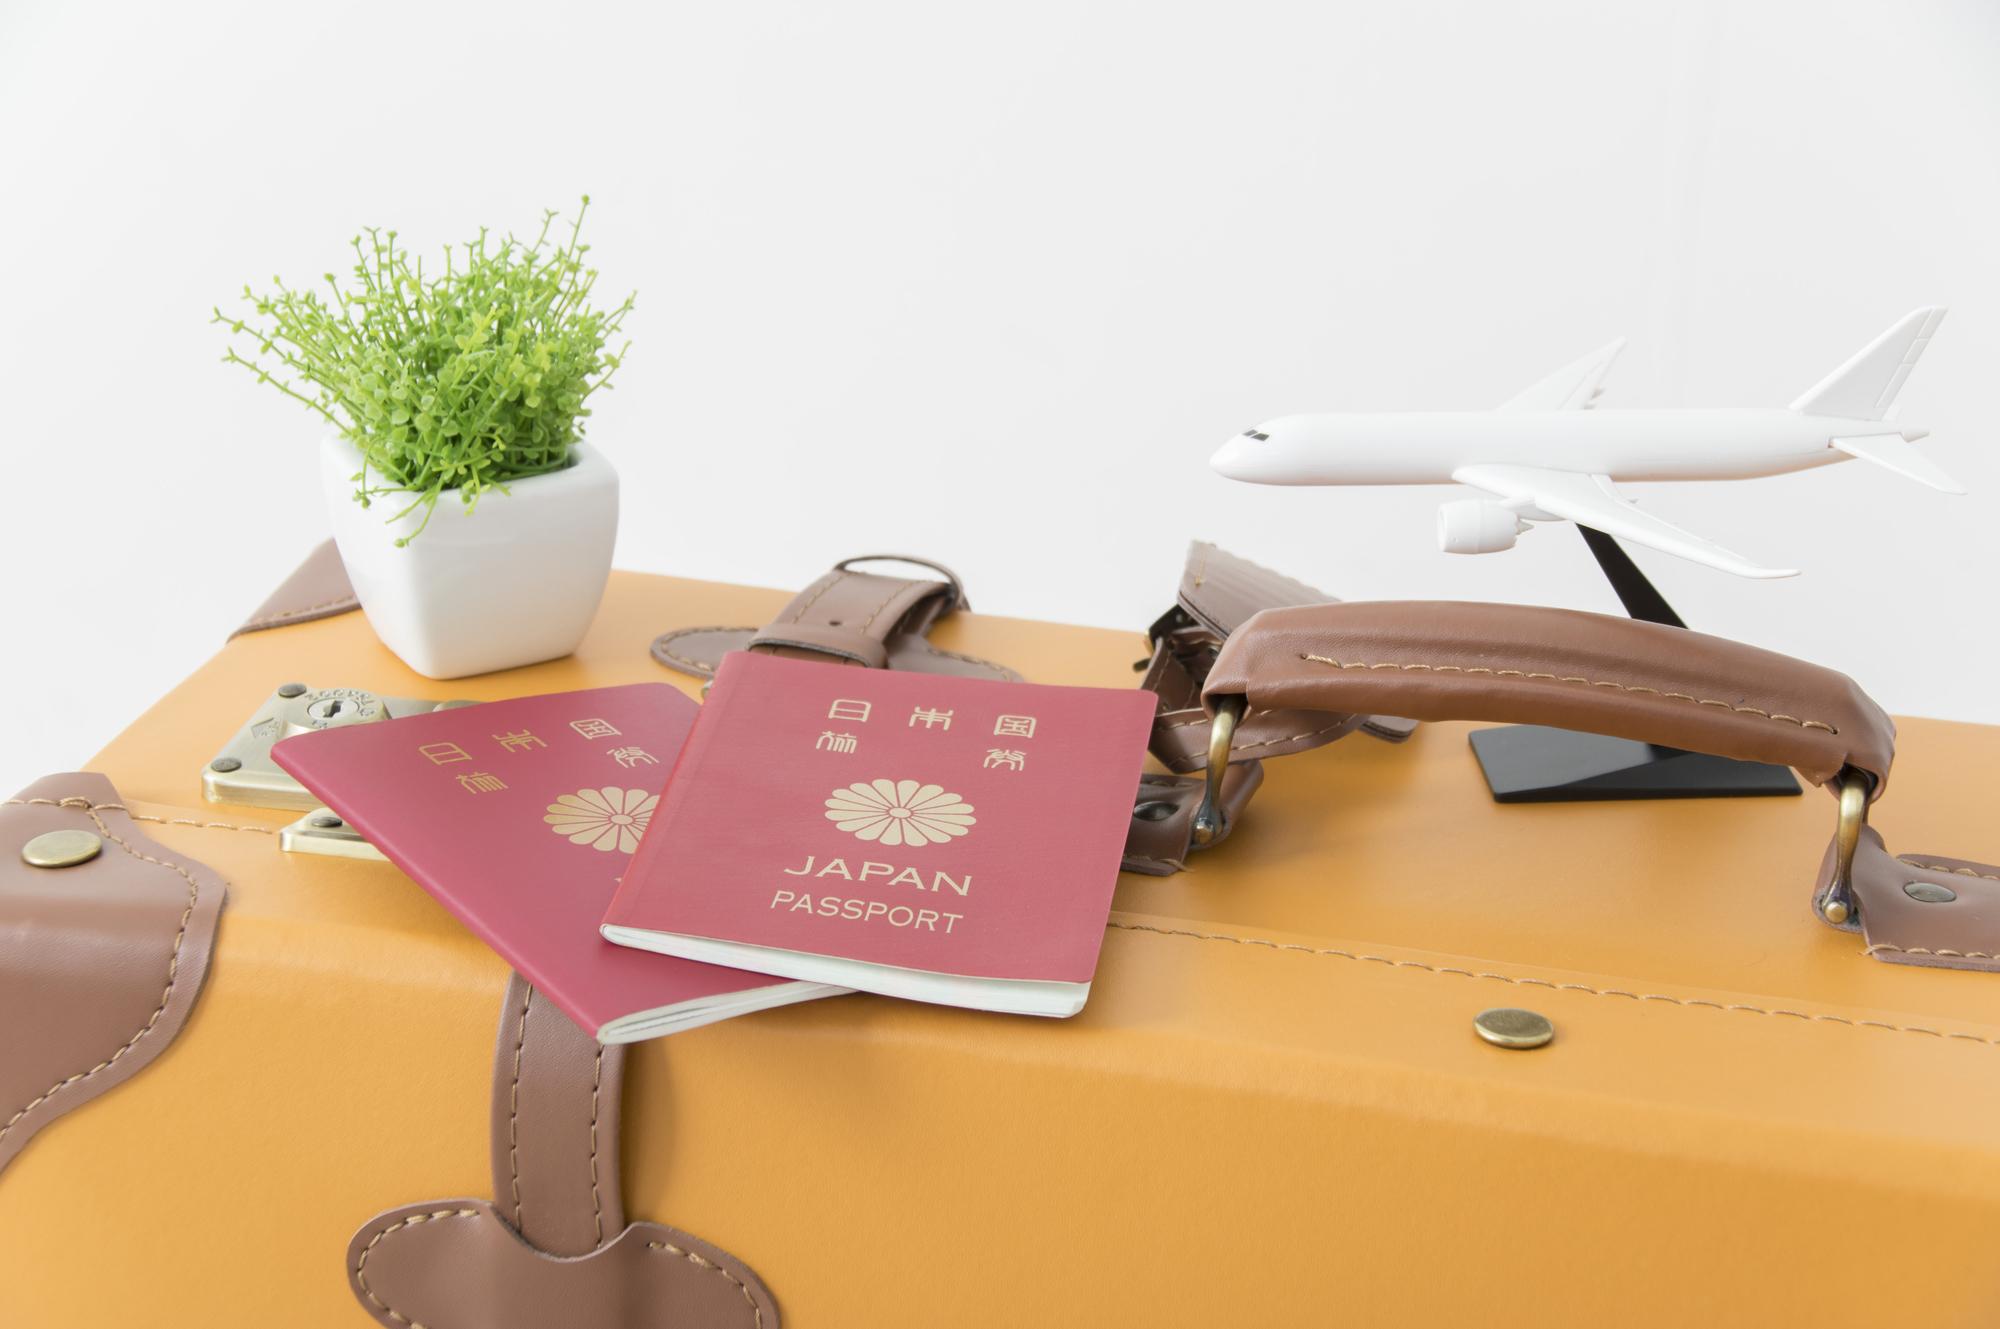 海外転勤の時に使える荷物の分け方と日本での保管術